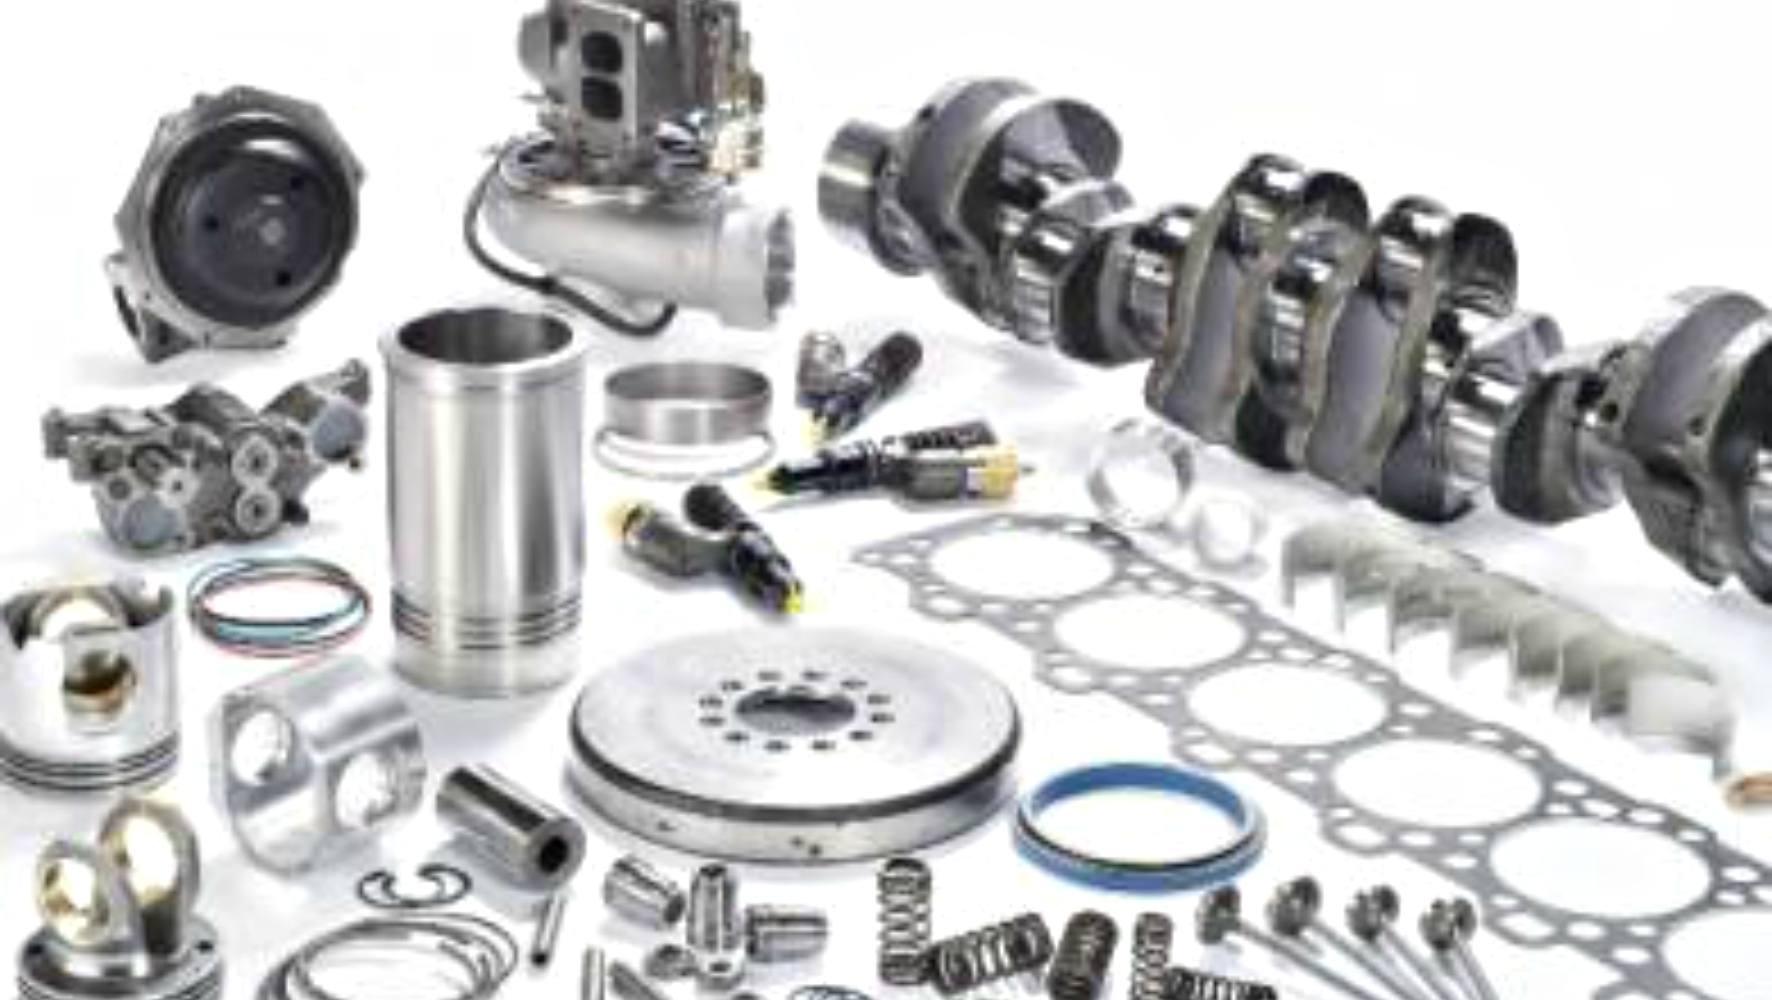 Motores, generadores...